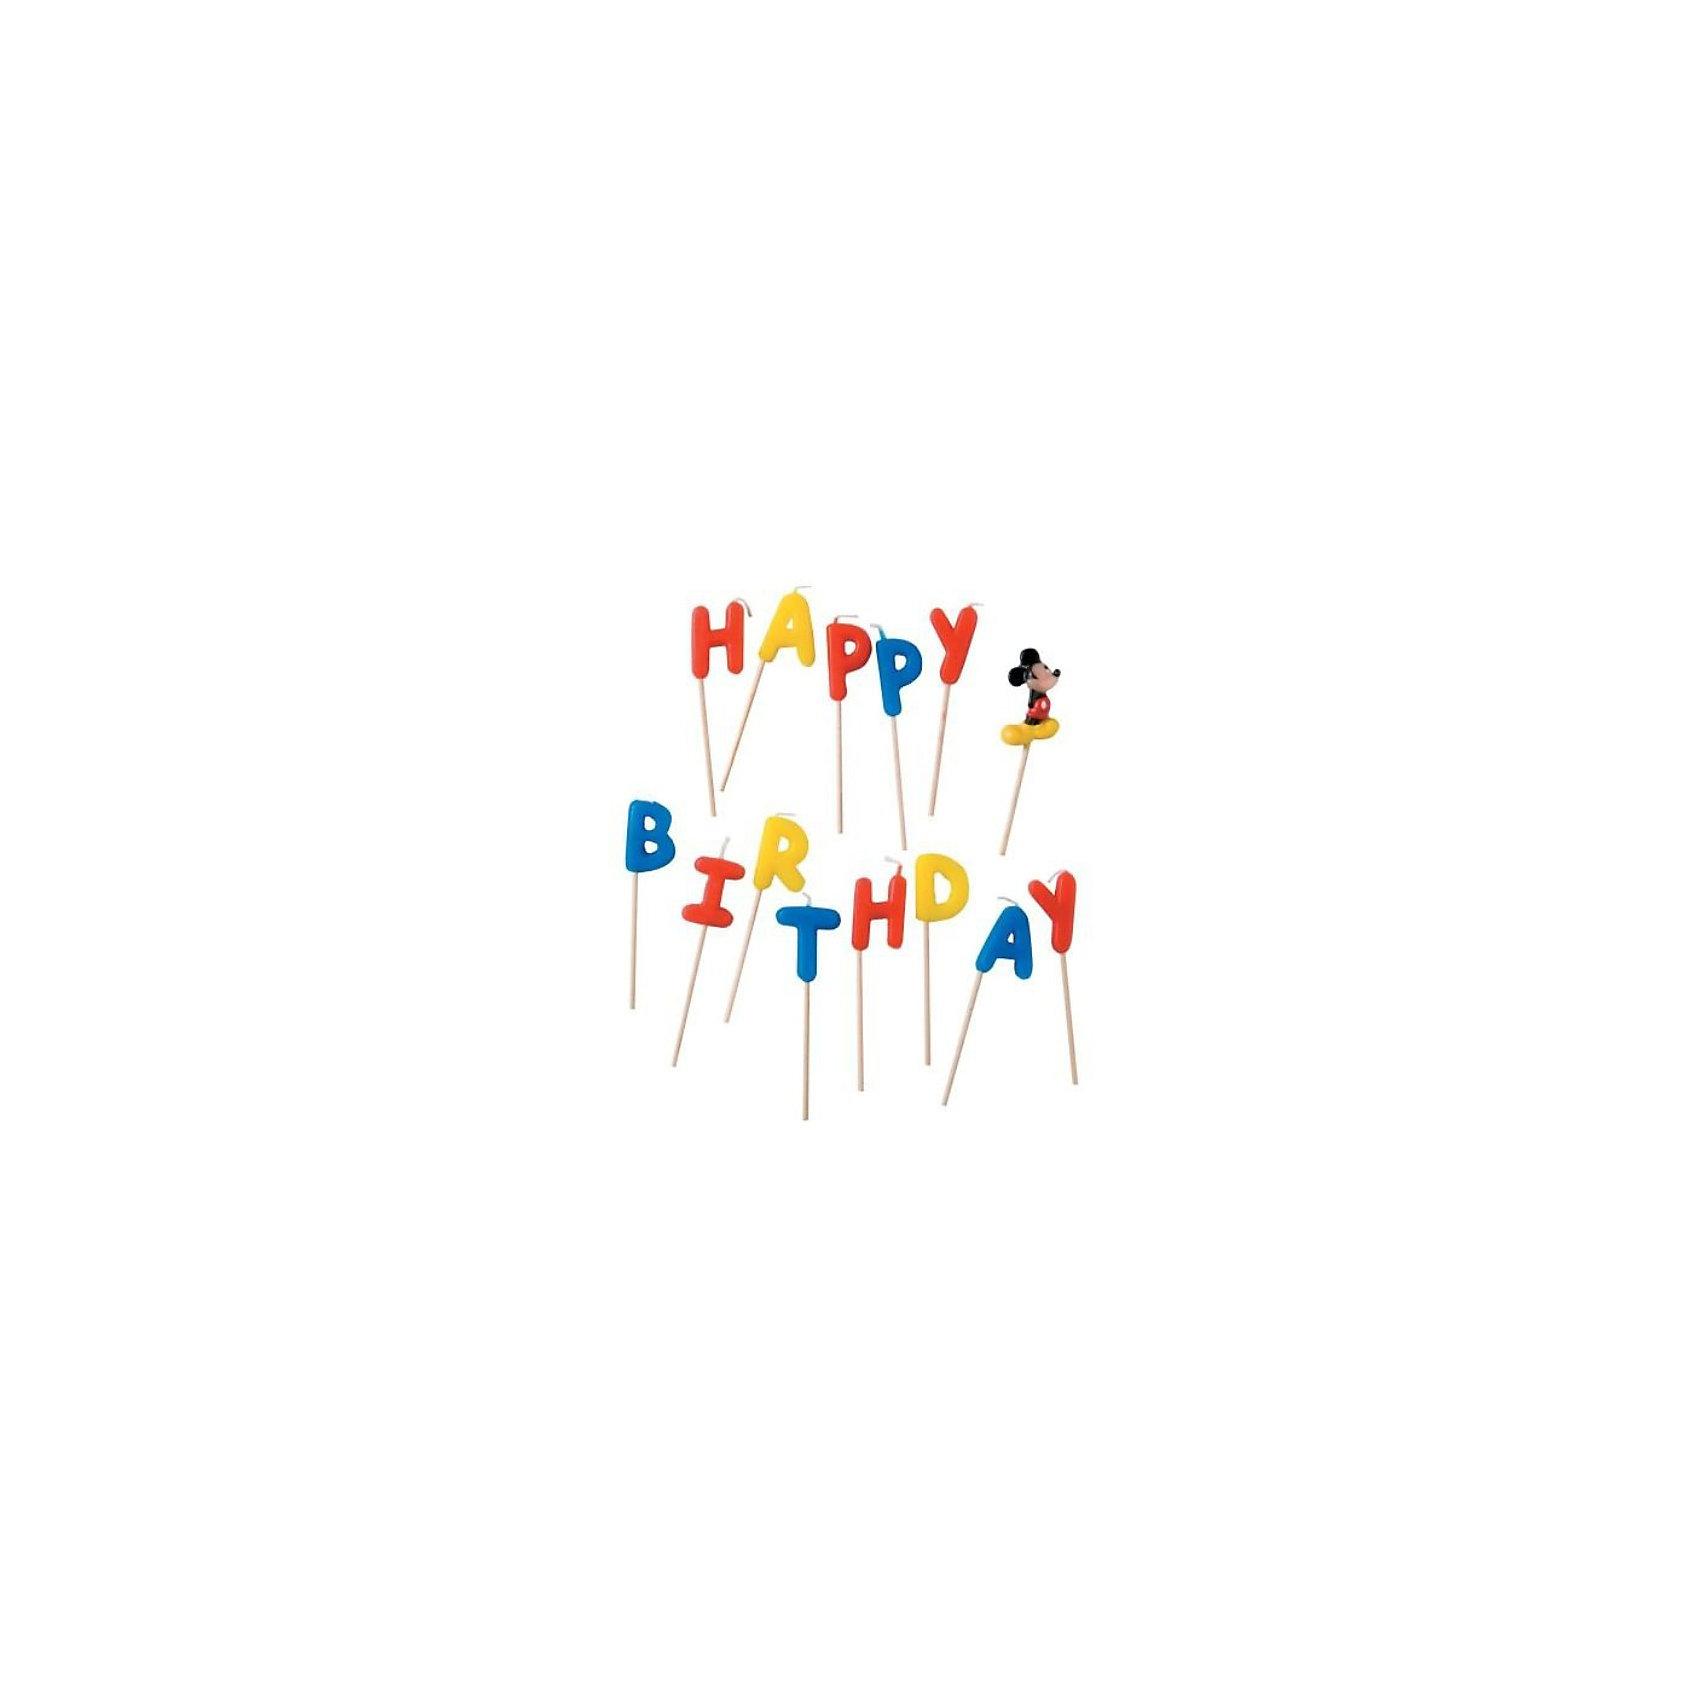 Procos Свечи-буквы Микки Маус Happy BirthdayЧудесные свечи для украшения празднчного торта позволят сделать праздник веселым. Ваш малыш будет рад увидеть на праздничном торте любимых героев!<br><br>Ширина мм: 130<br>Глубина мм: 20<br>Высота мм: 180<br>Вес г: 125<br>Возраст от месяцев: 36<br>Возраст до месяцев: 168<br>Пол: Унисекс<br>Возраст: Детский<br>SKU: 2431278